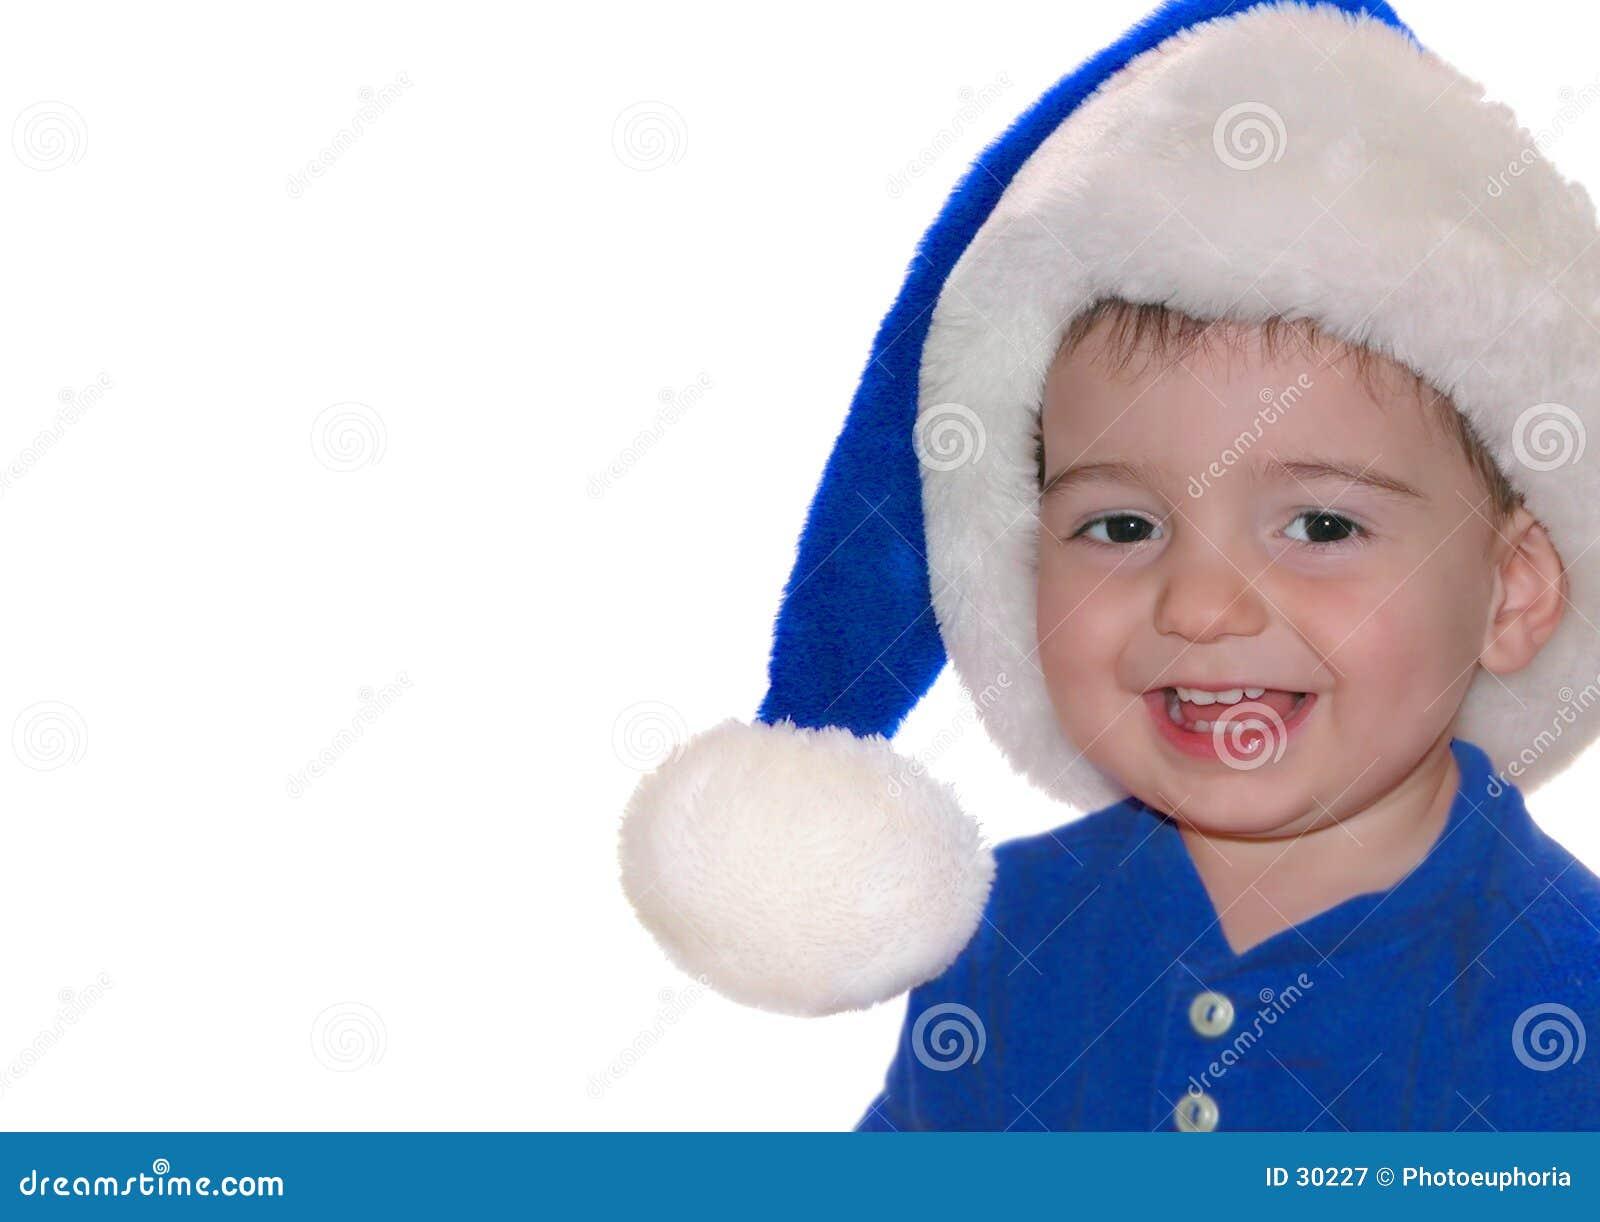 Children: Blue Santa Baby